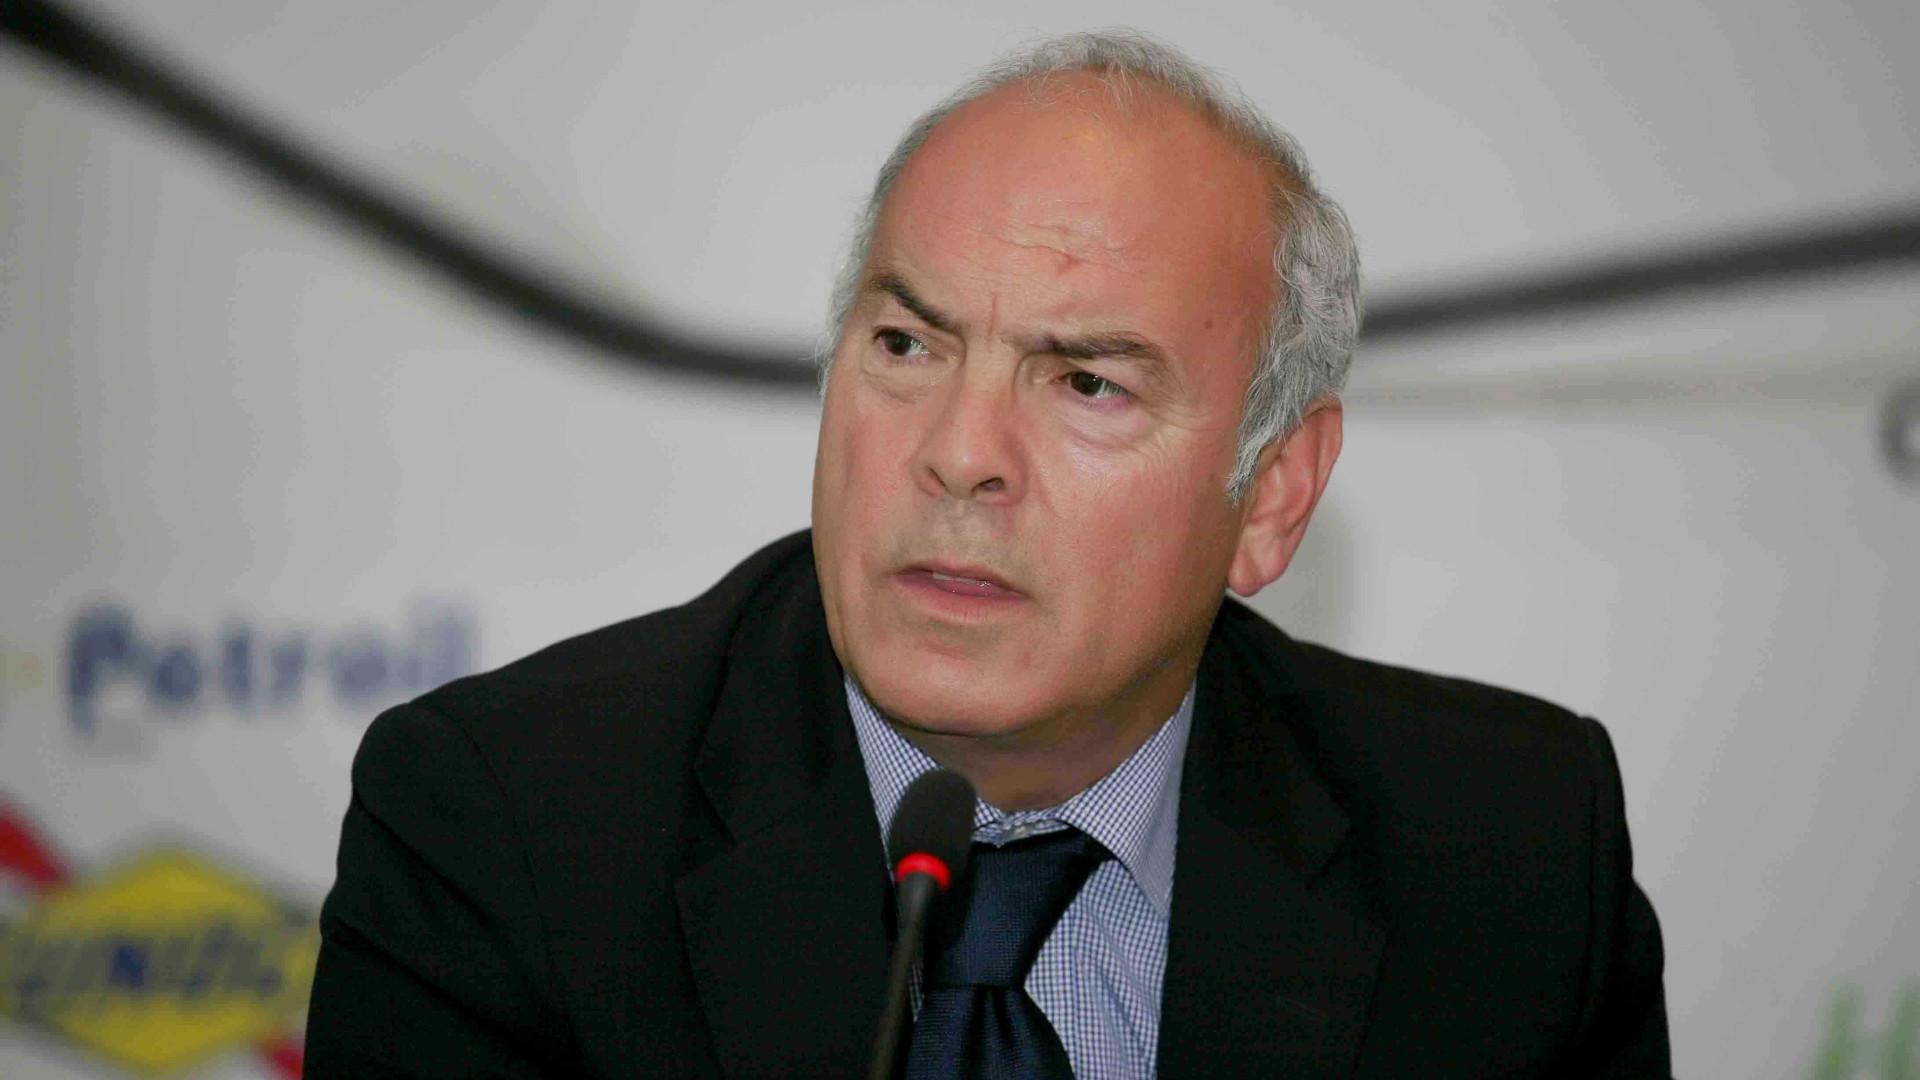 """PSD está """"unido, calmo e em uníssono"""", após eleições virá a """"confusão"""""""